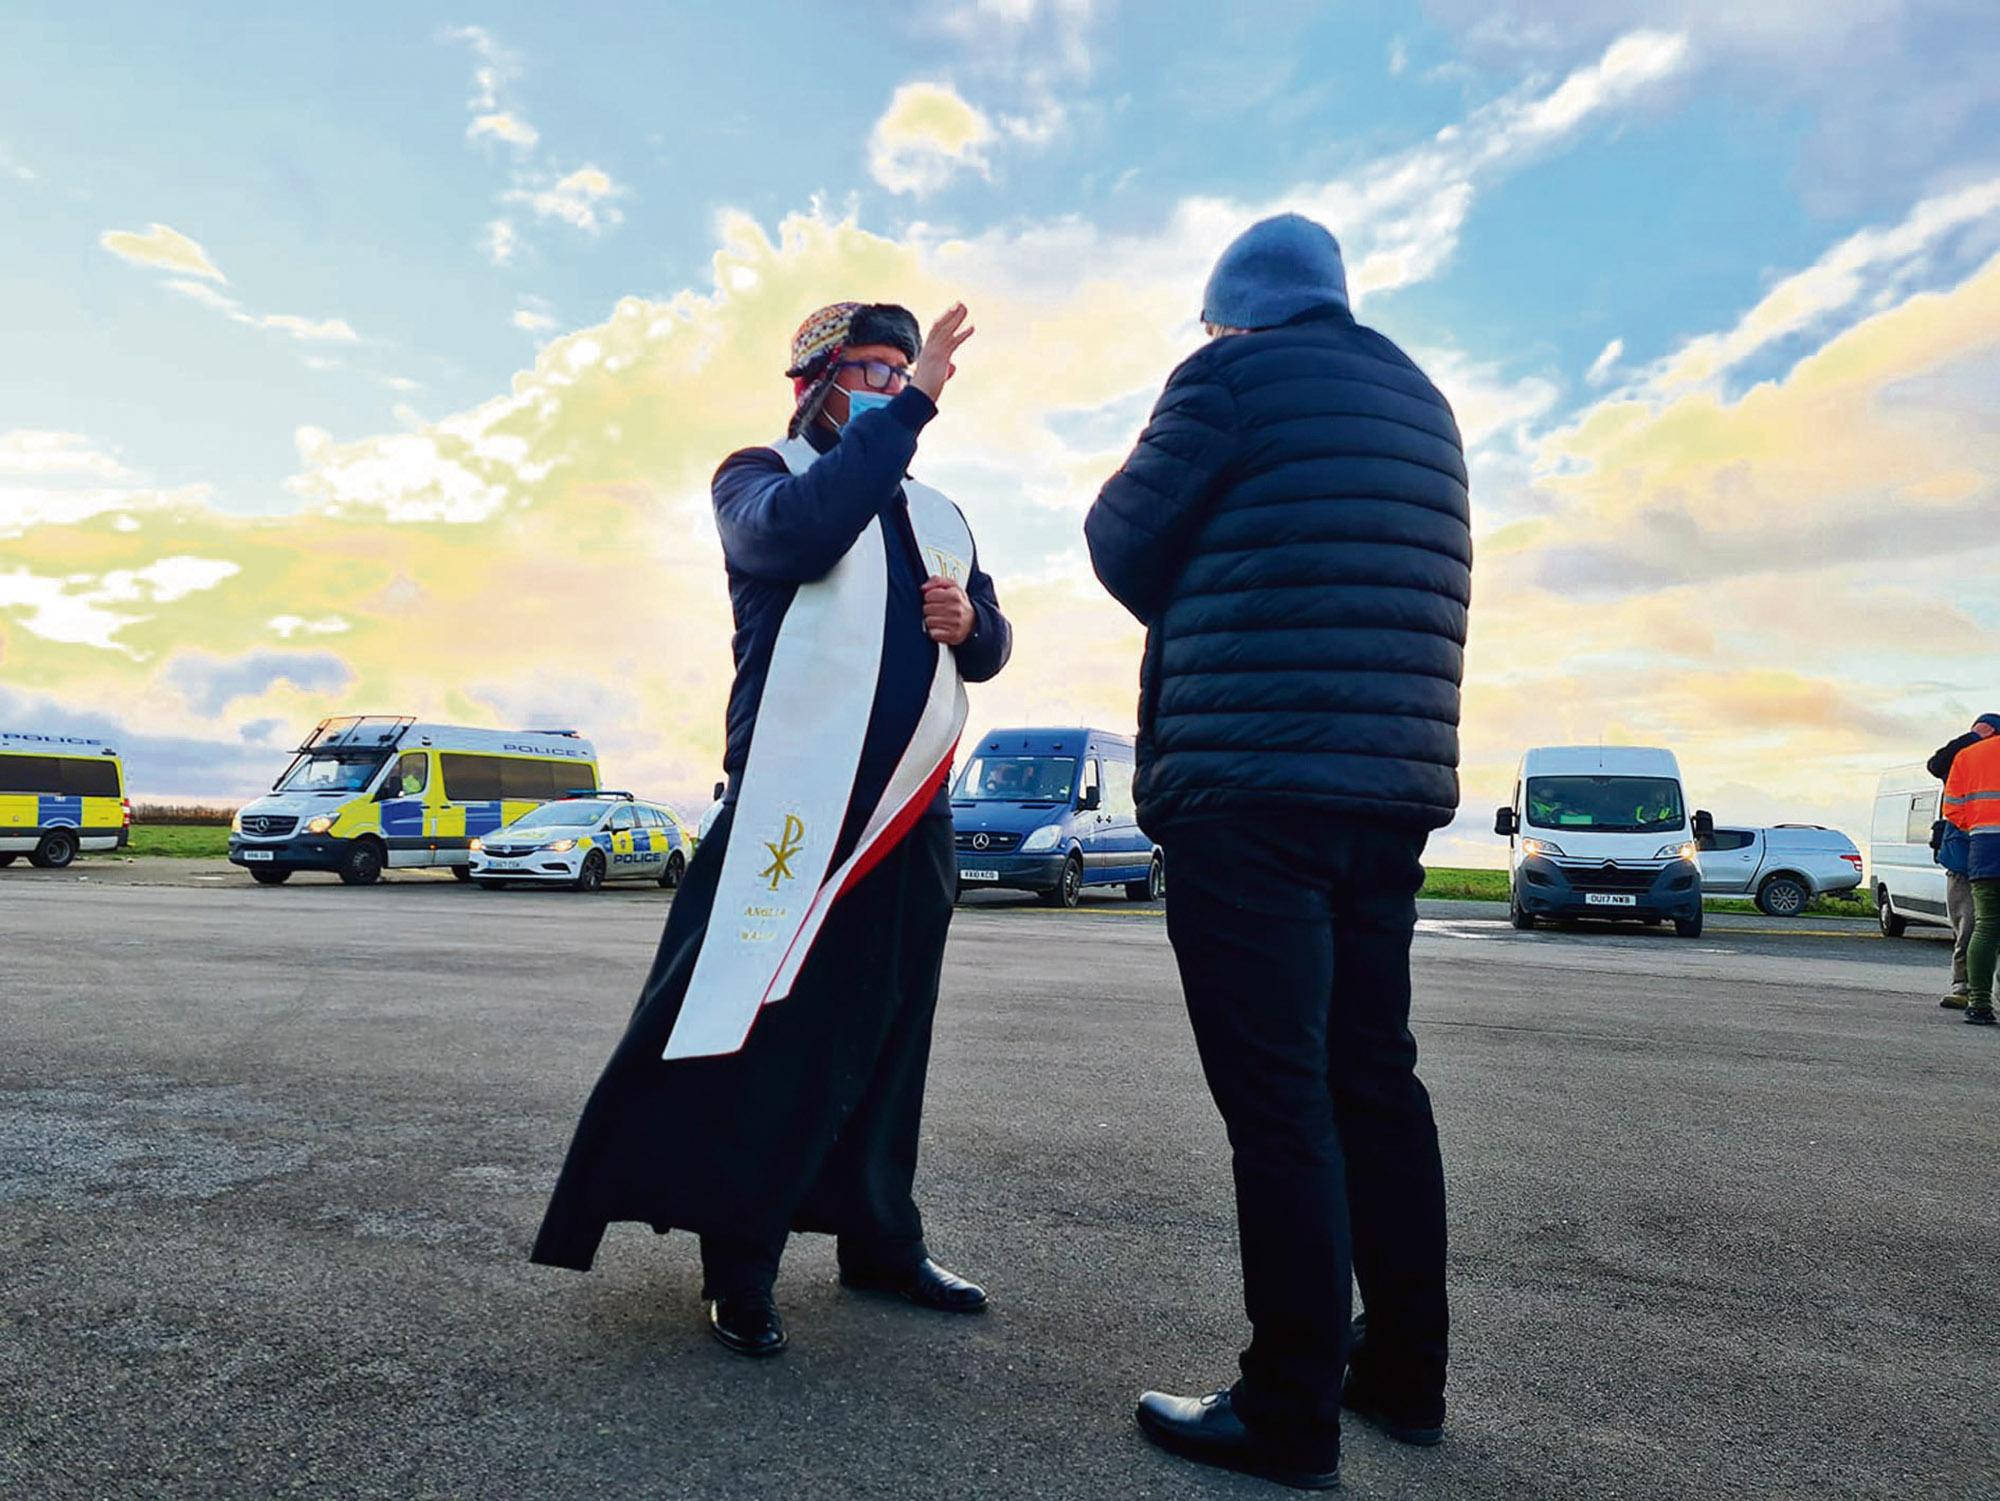 W Broniszewicach uczyłem się Kościoła, który jest prawdziwy - mówi ks. Bartek Rajewski, proboszcz z Londynu - Zdjęcie główne